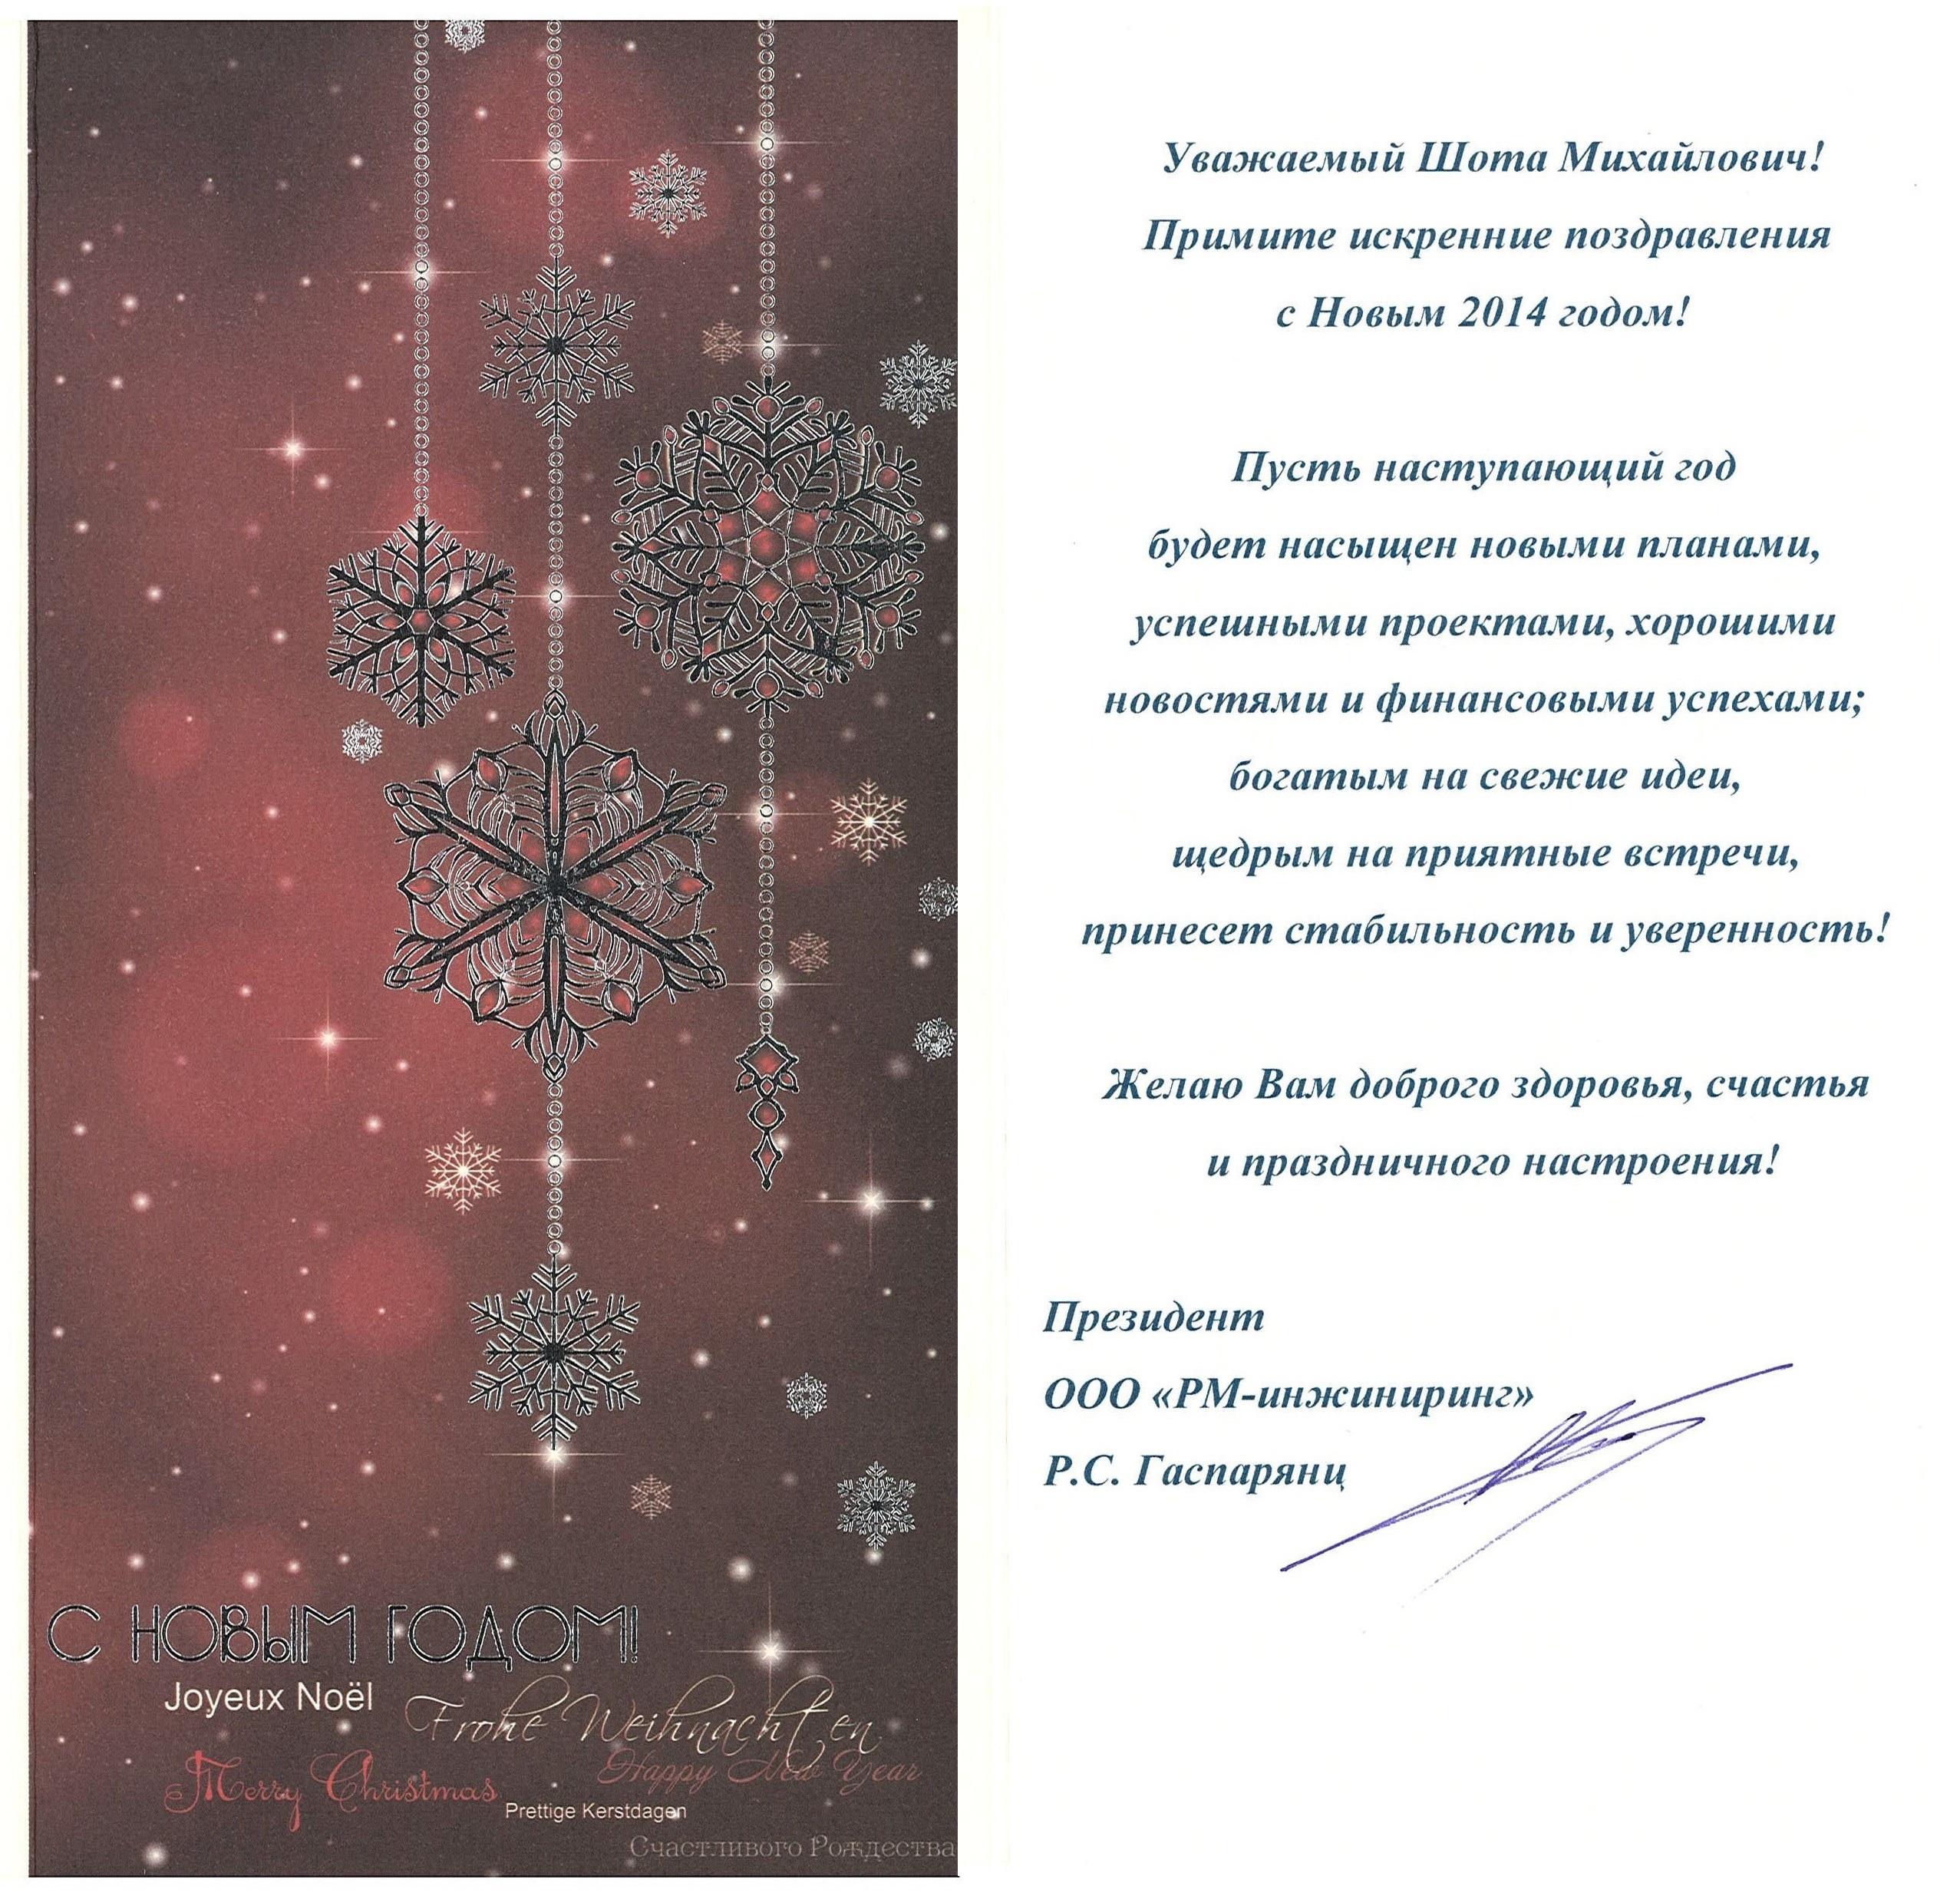 Поздравление своему директору с новым годом